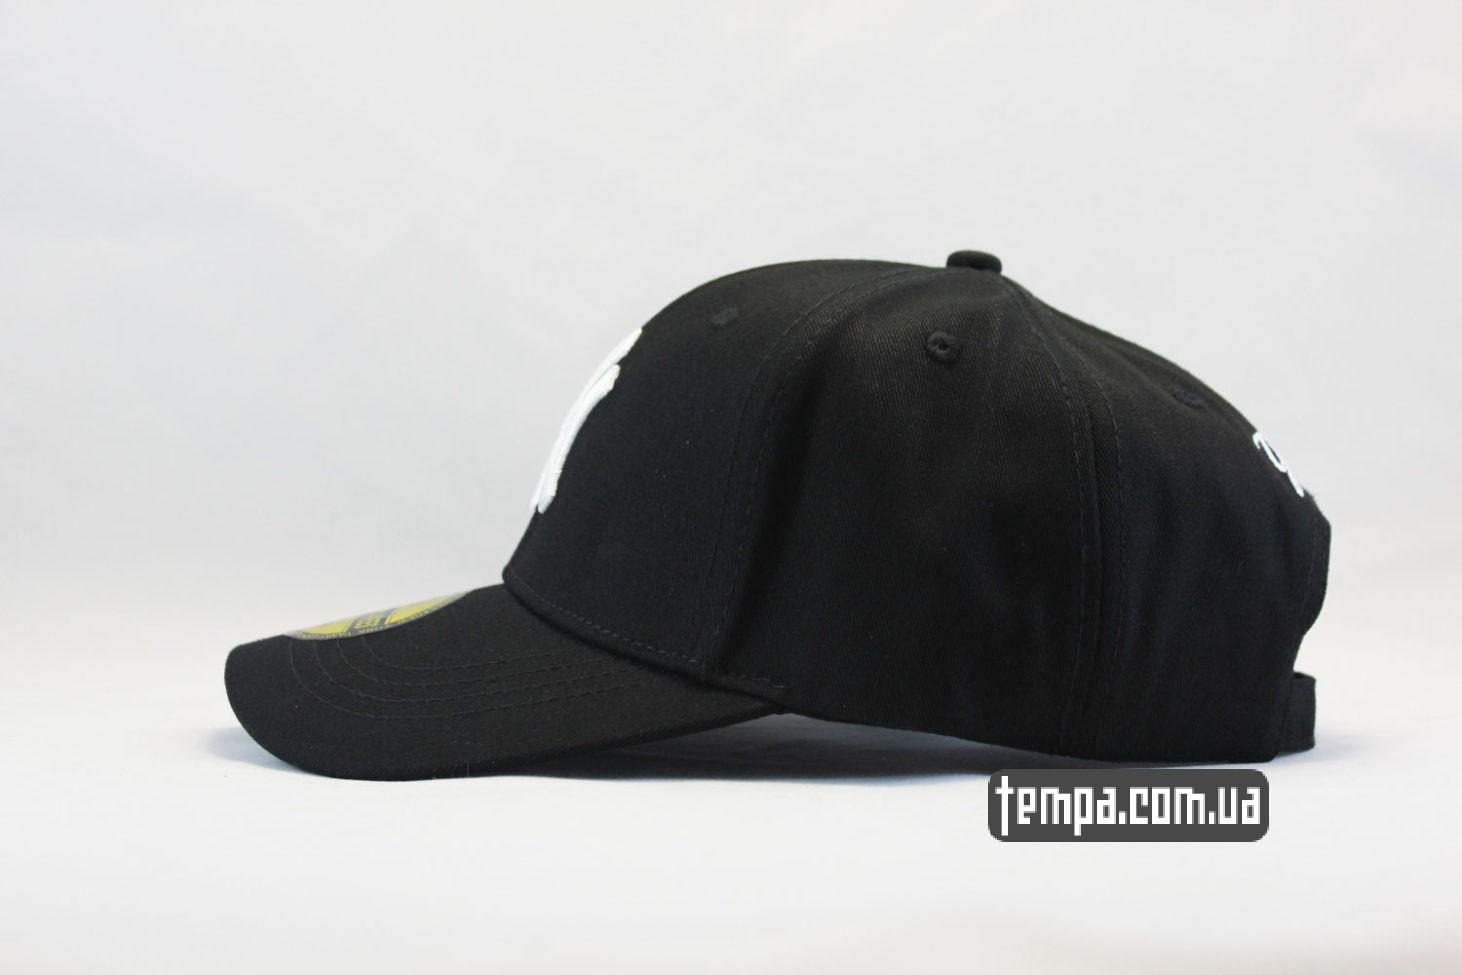 закругленный козырек кепка бейсболка YANKEES New York New Era черная